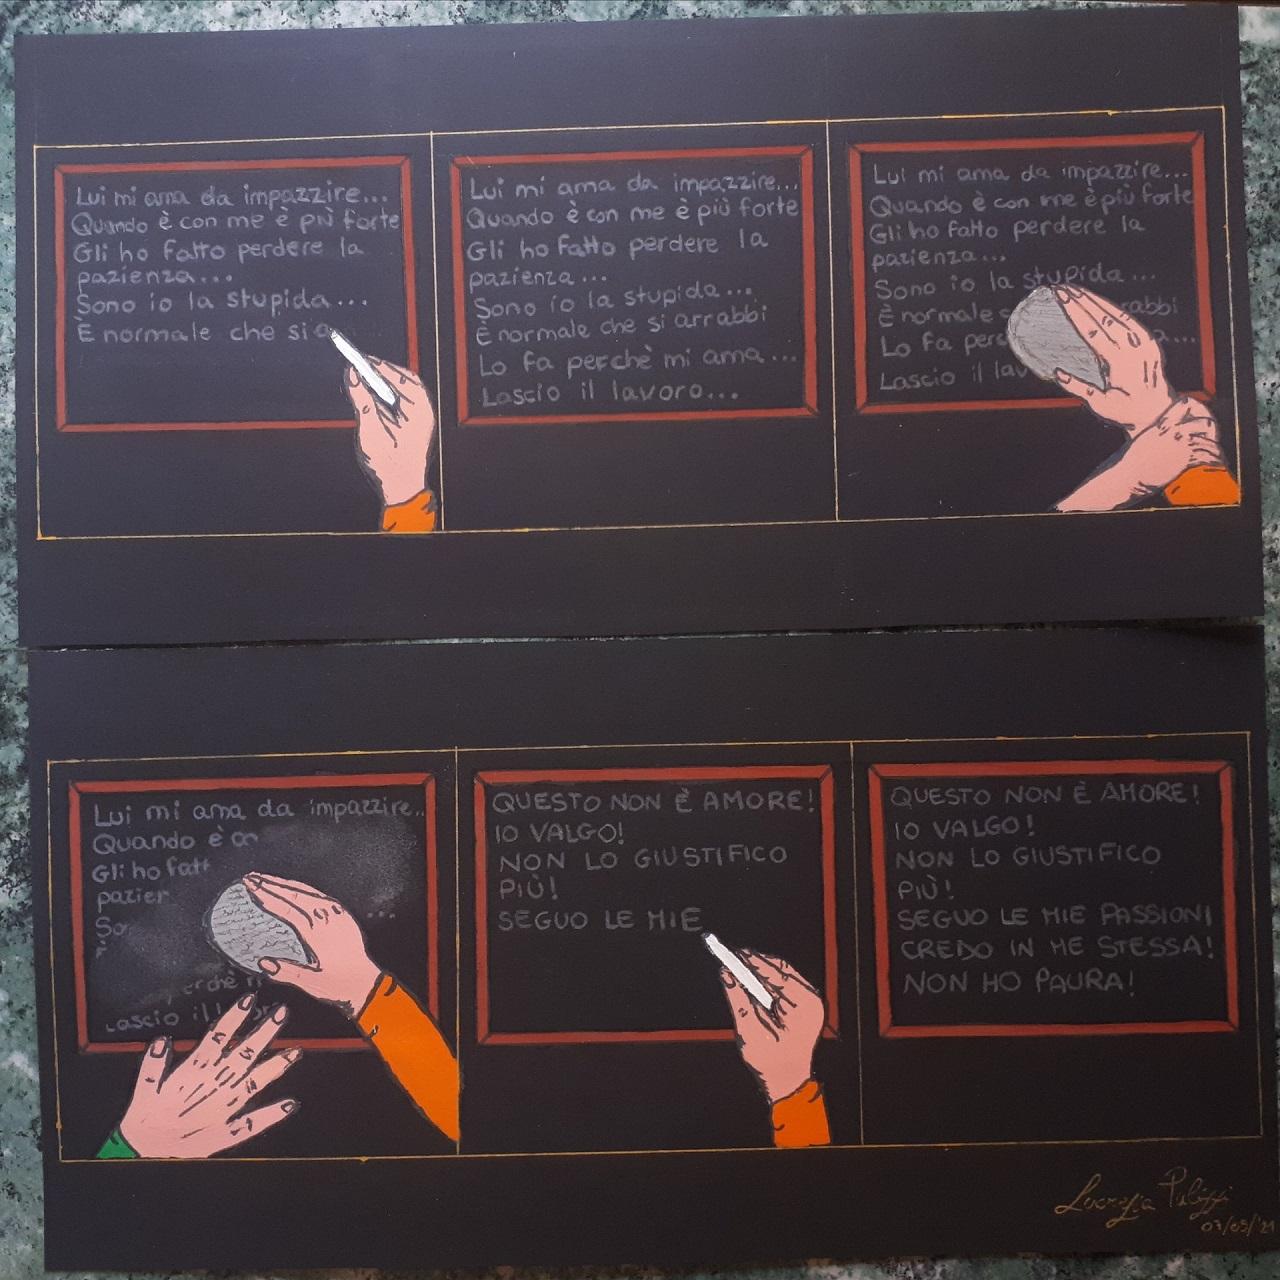 L'immagine mostra il disegno di Lucrezia Pulizzi riguardante la violenza sulle donne